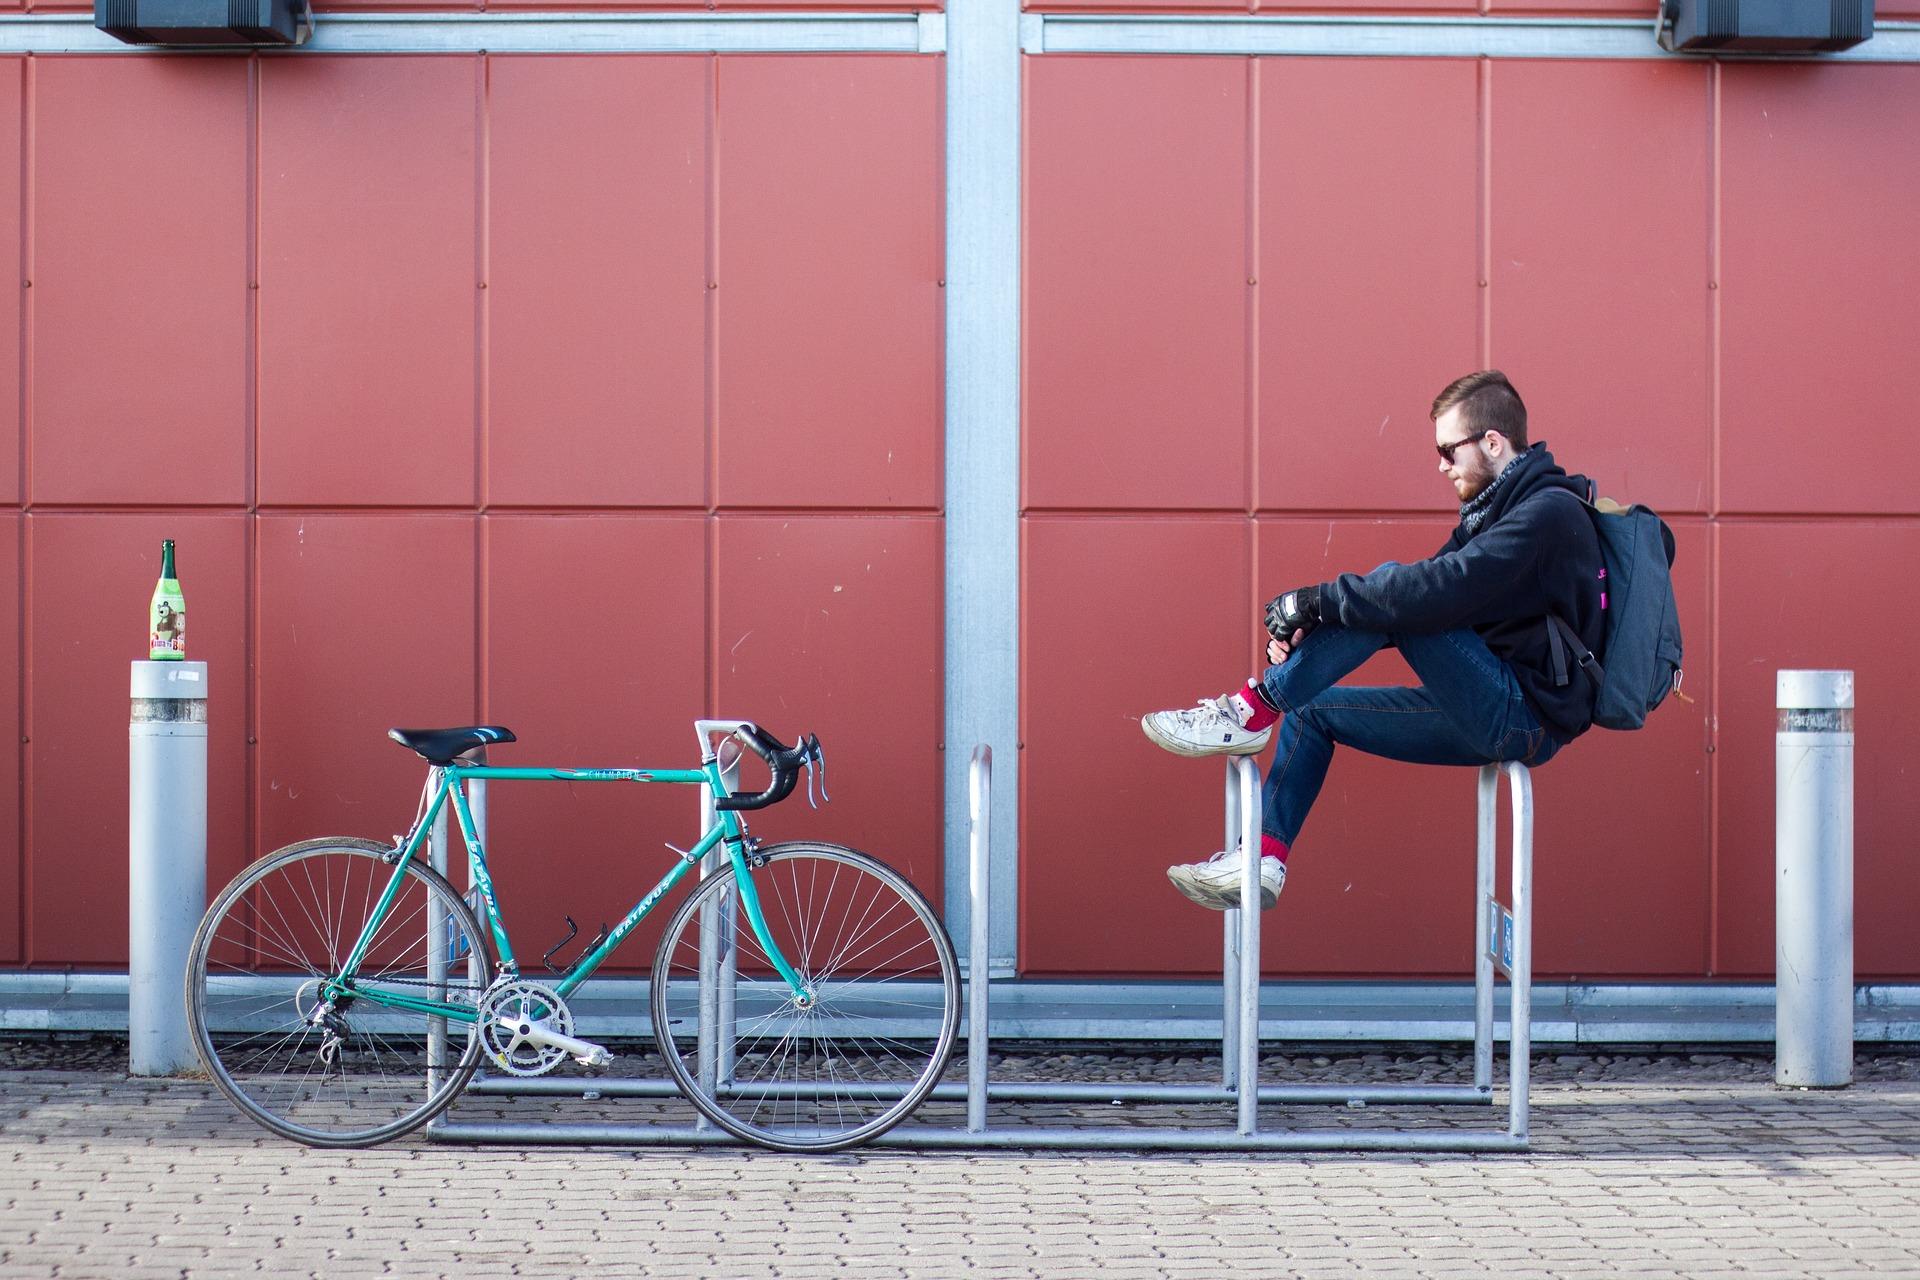 Fahrrad Ziele Visionen